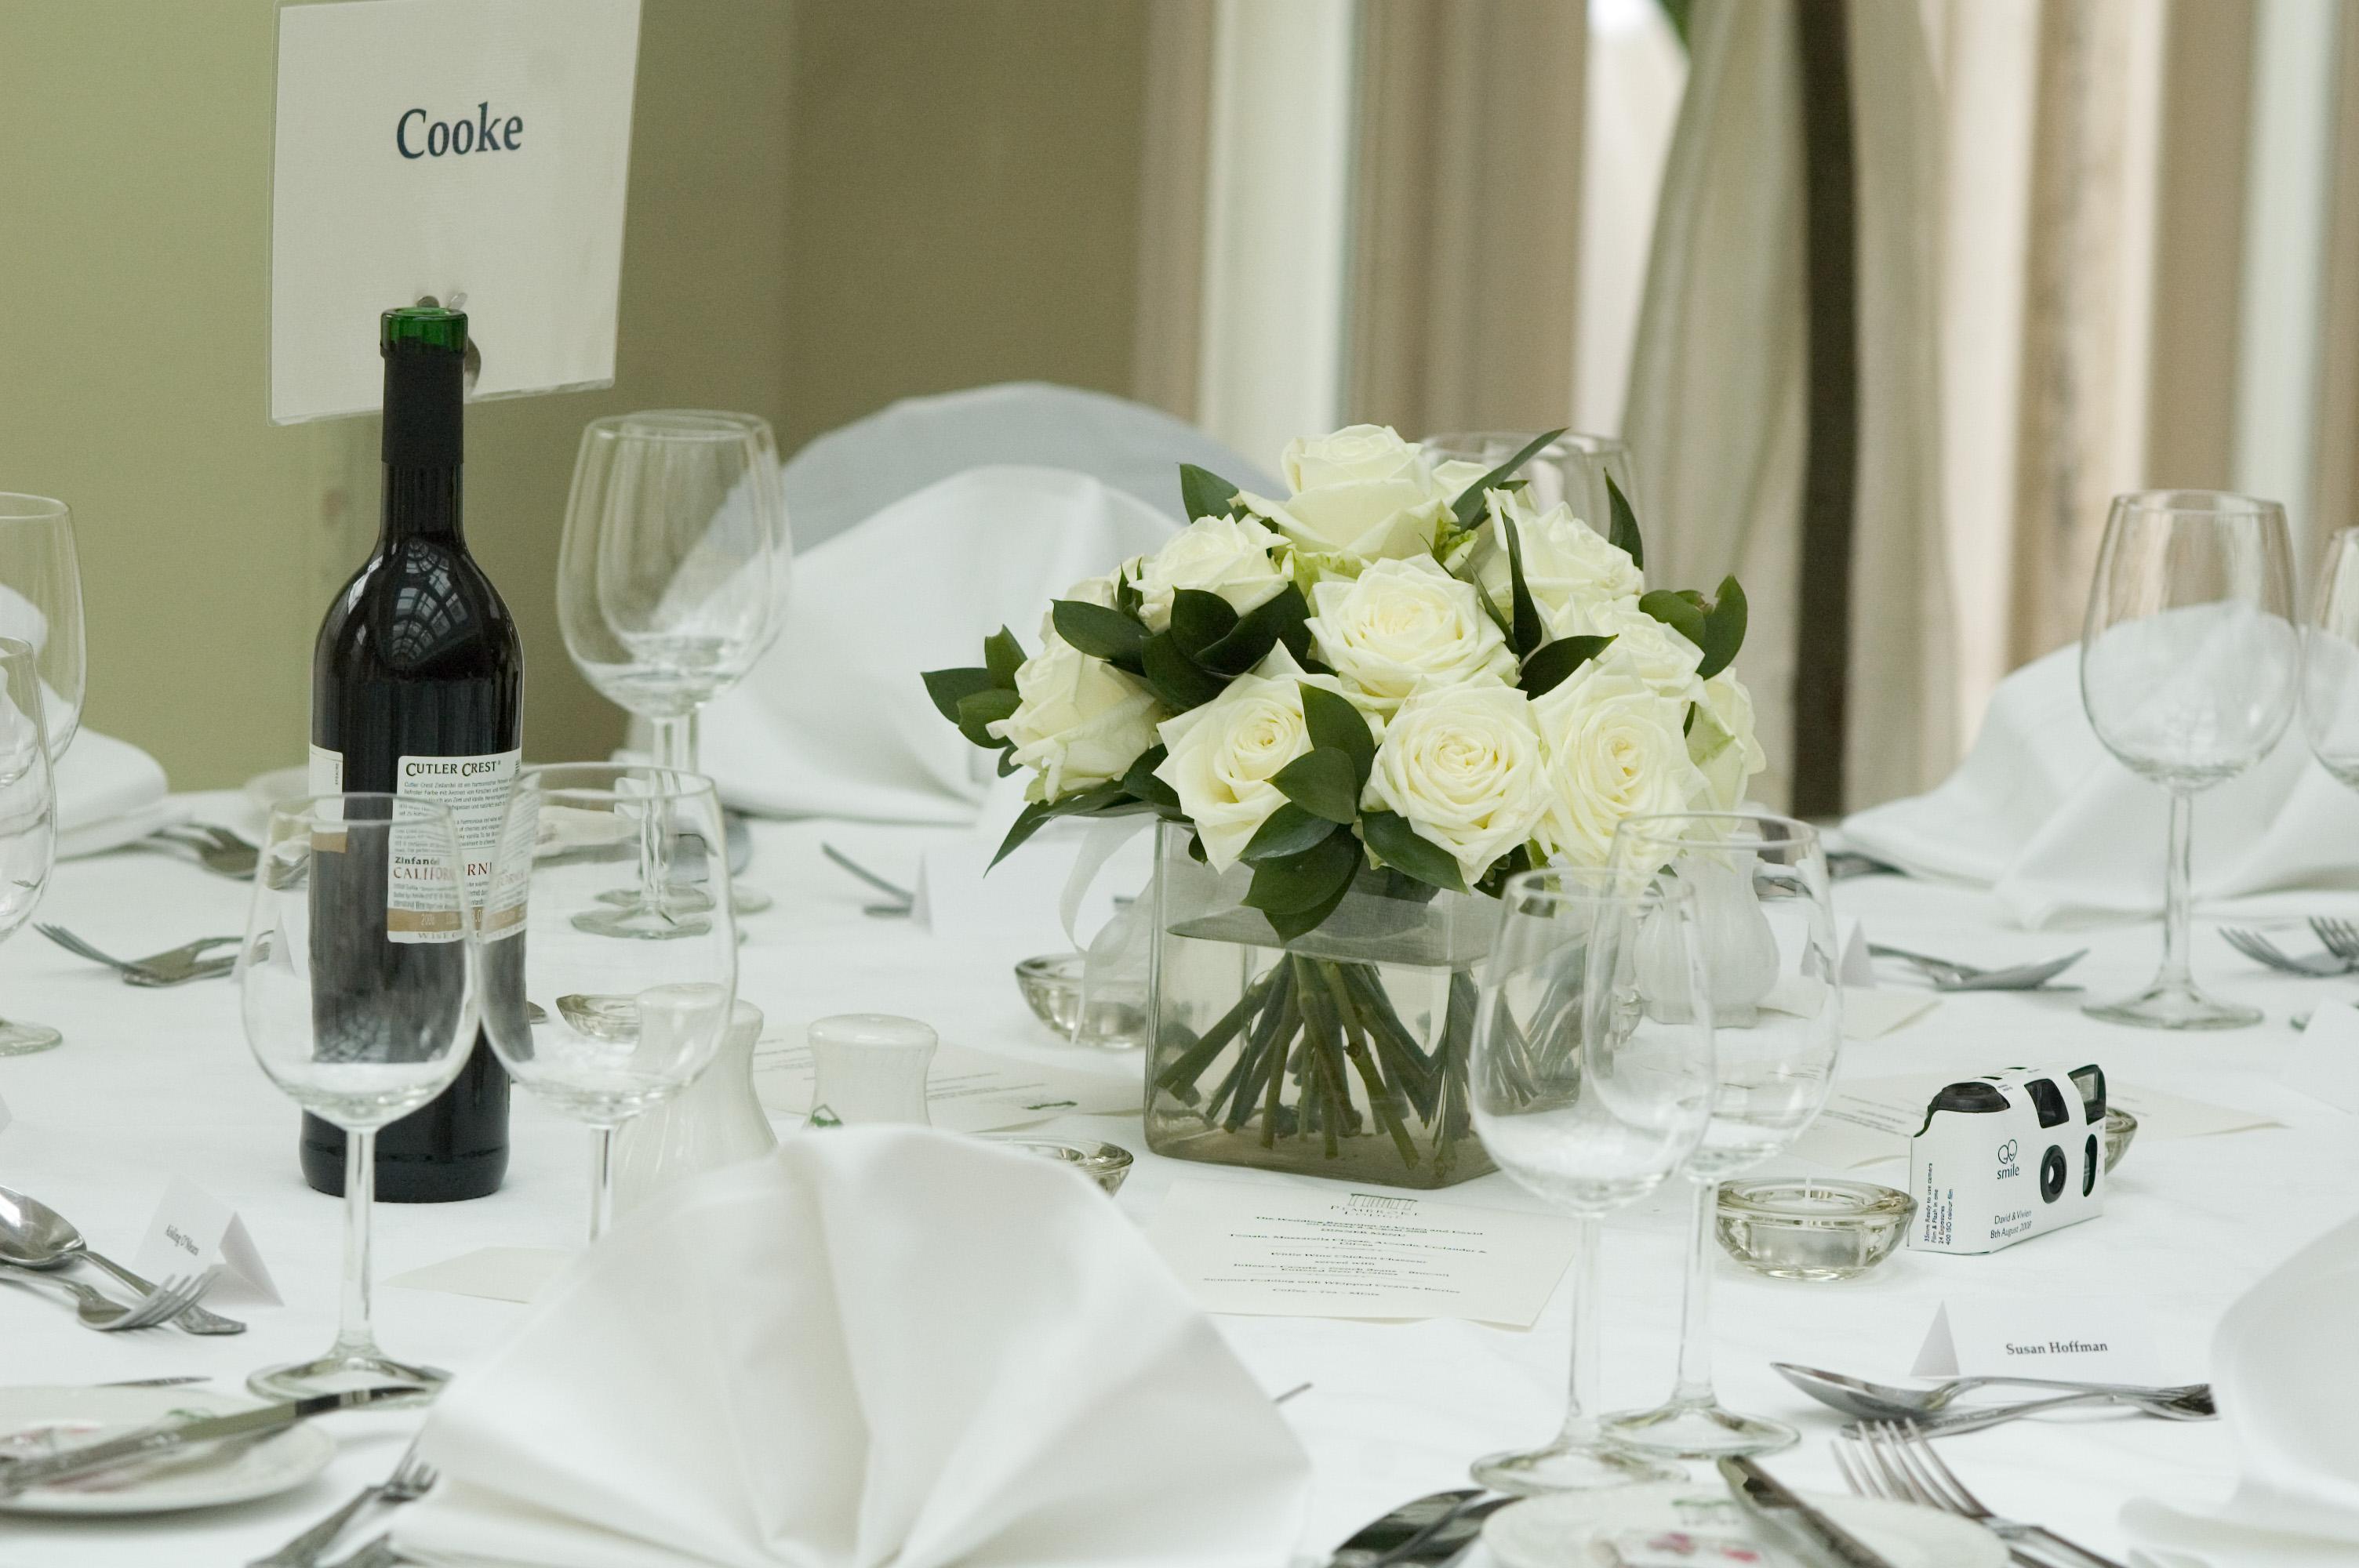 Tank Vase of White Roses